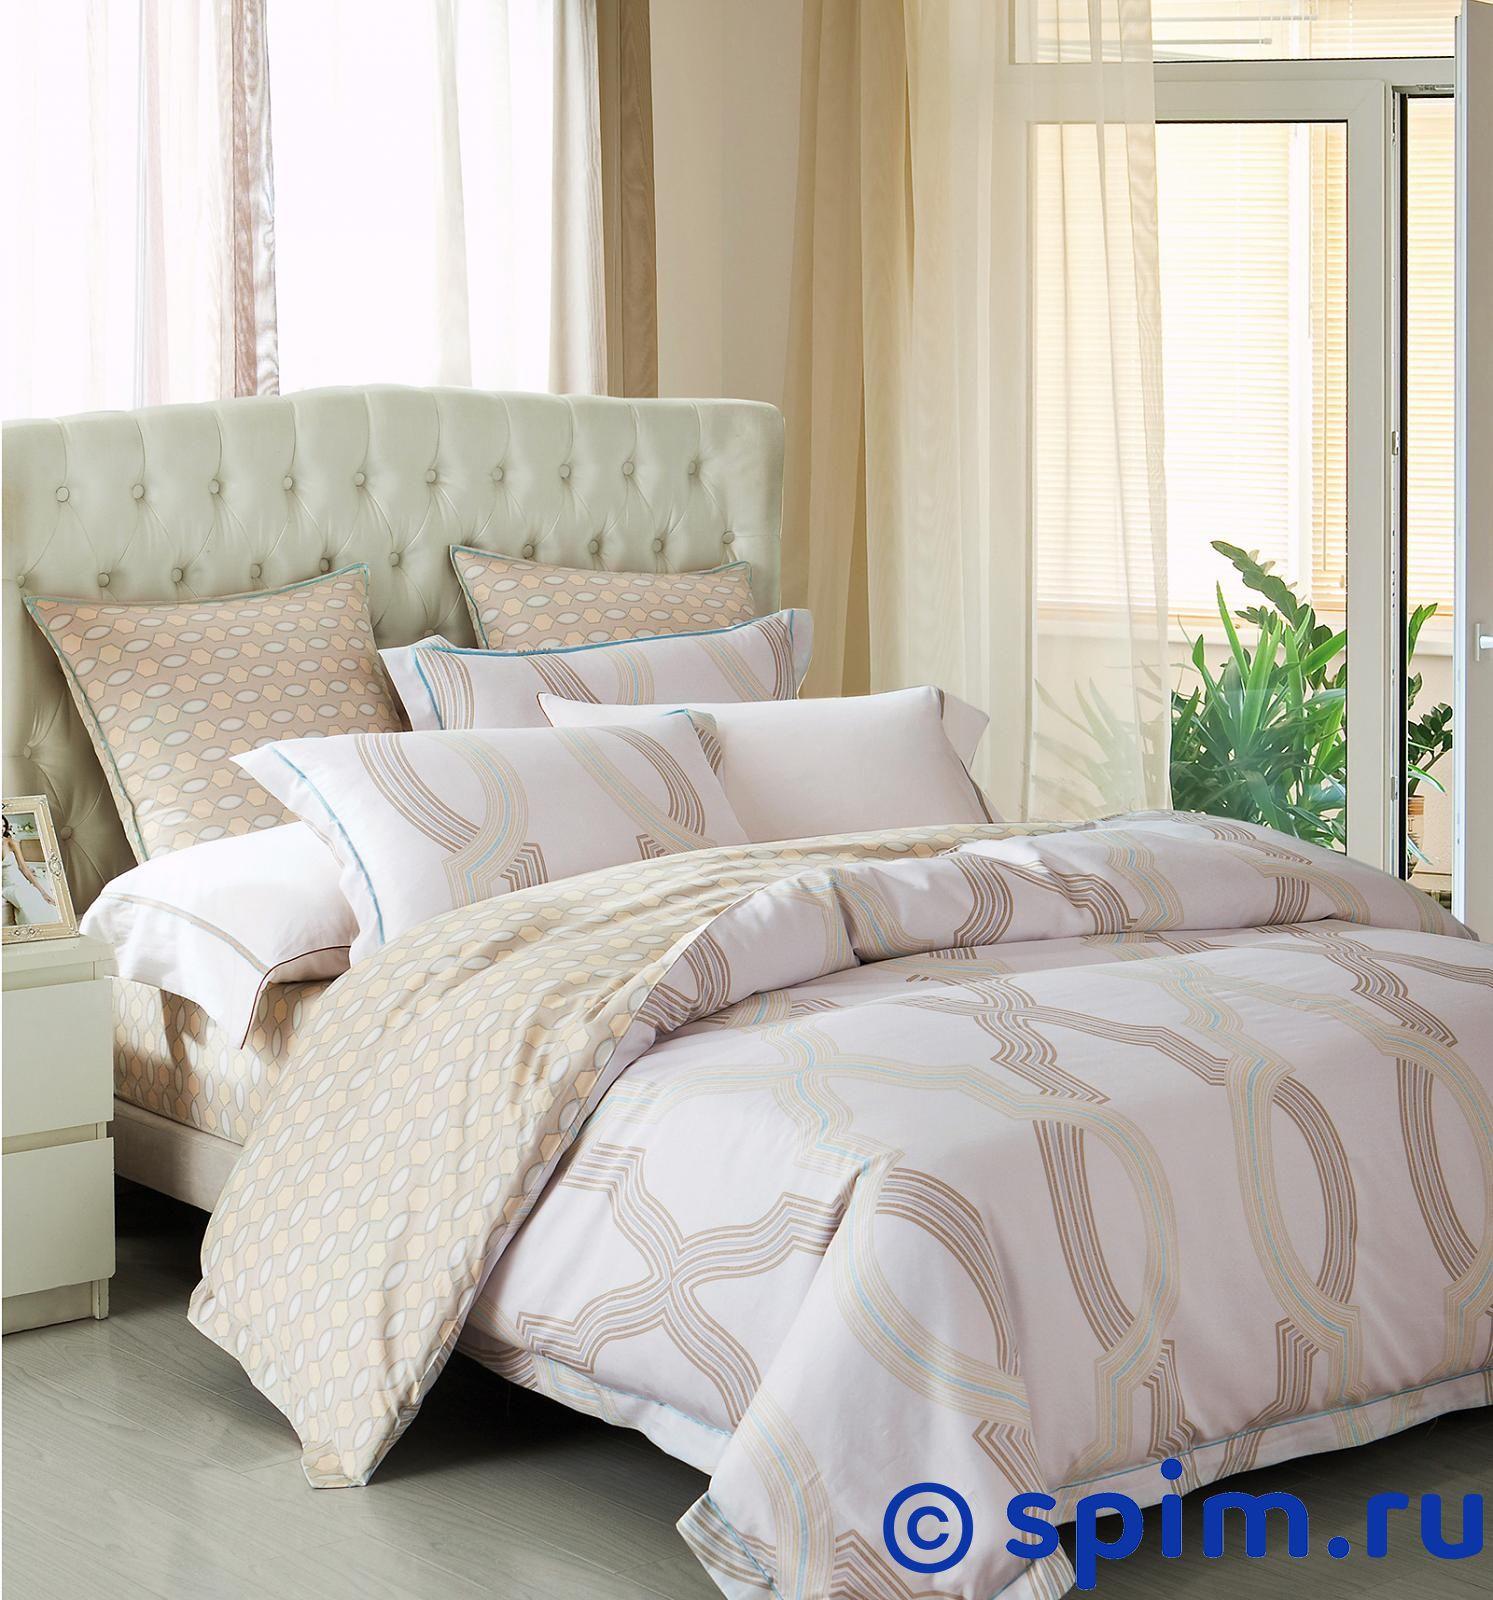 Постельное белье Sharmes Vega 1.5 спальное